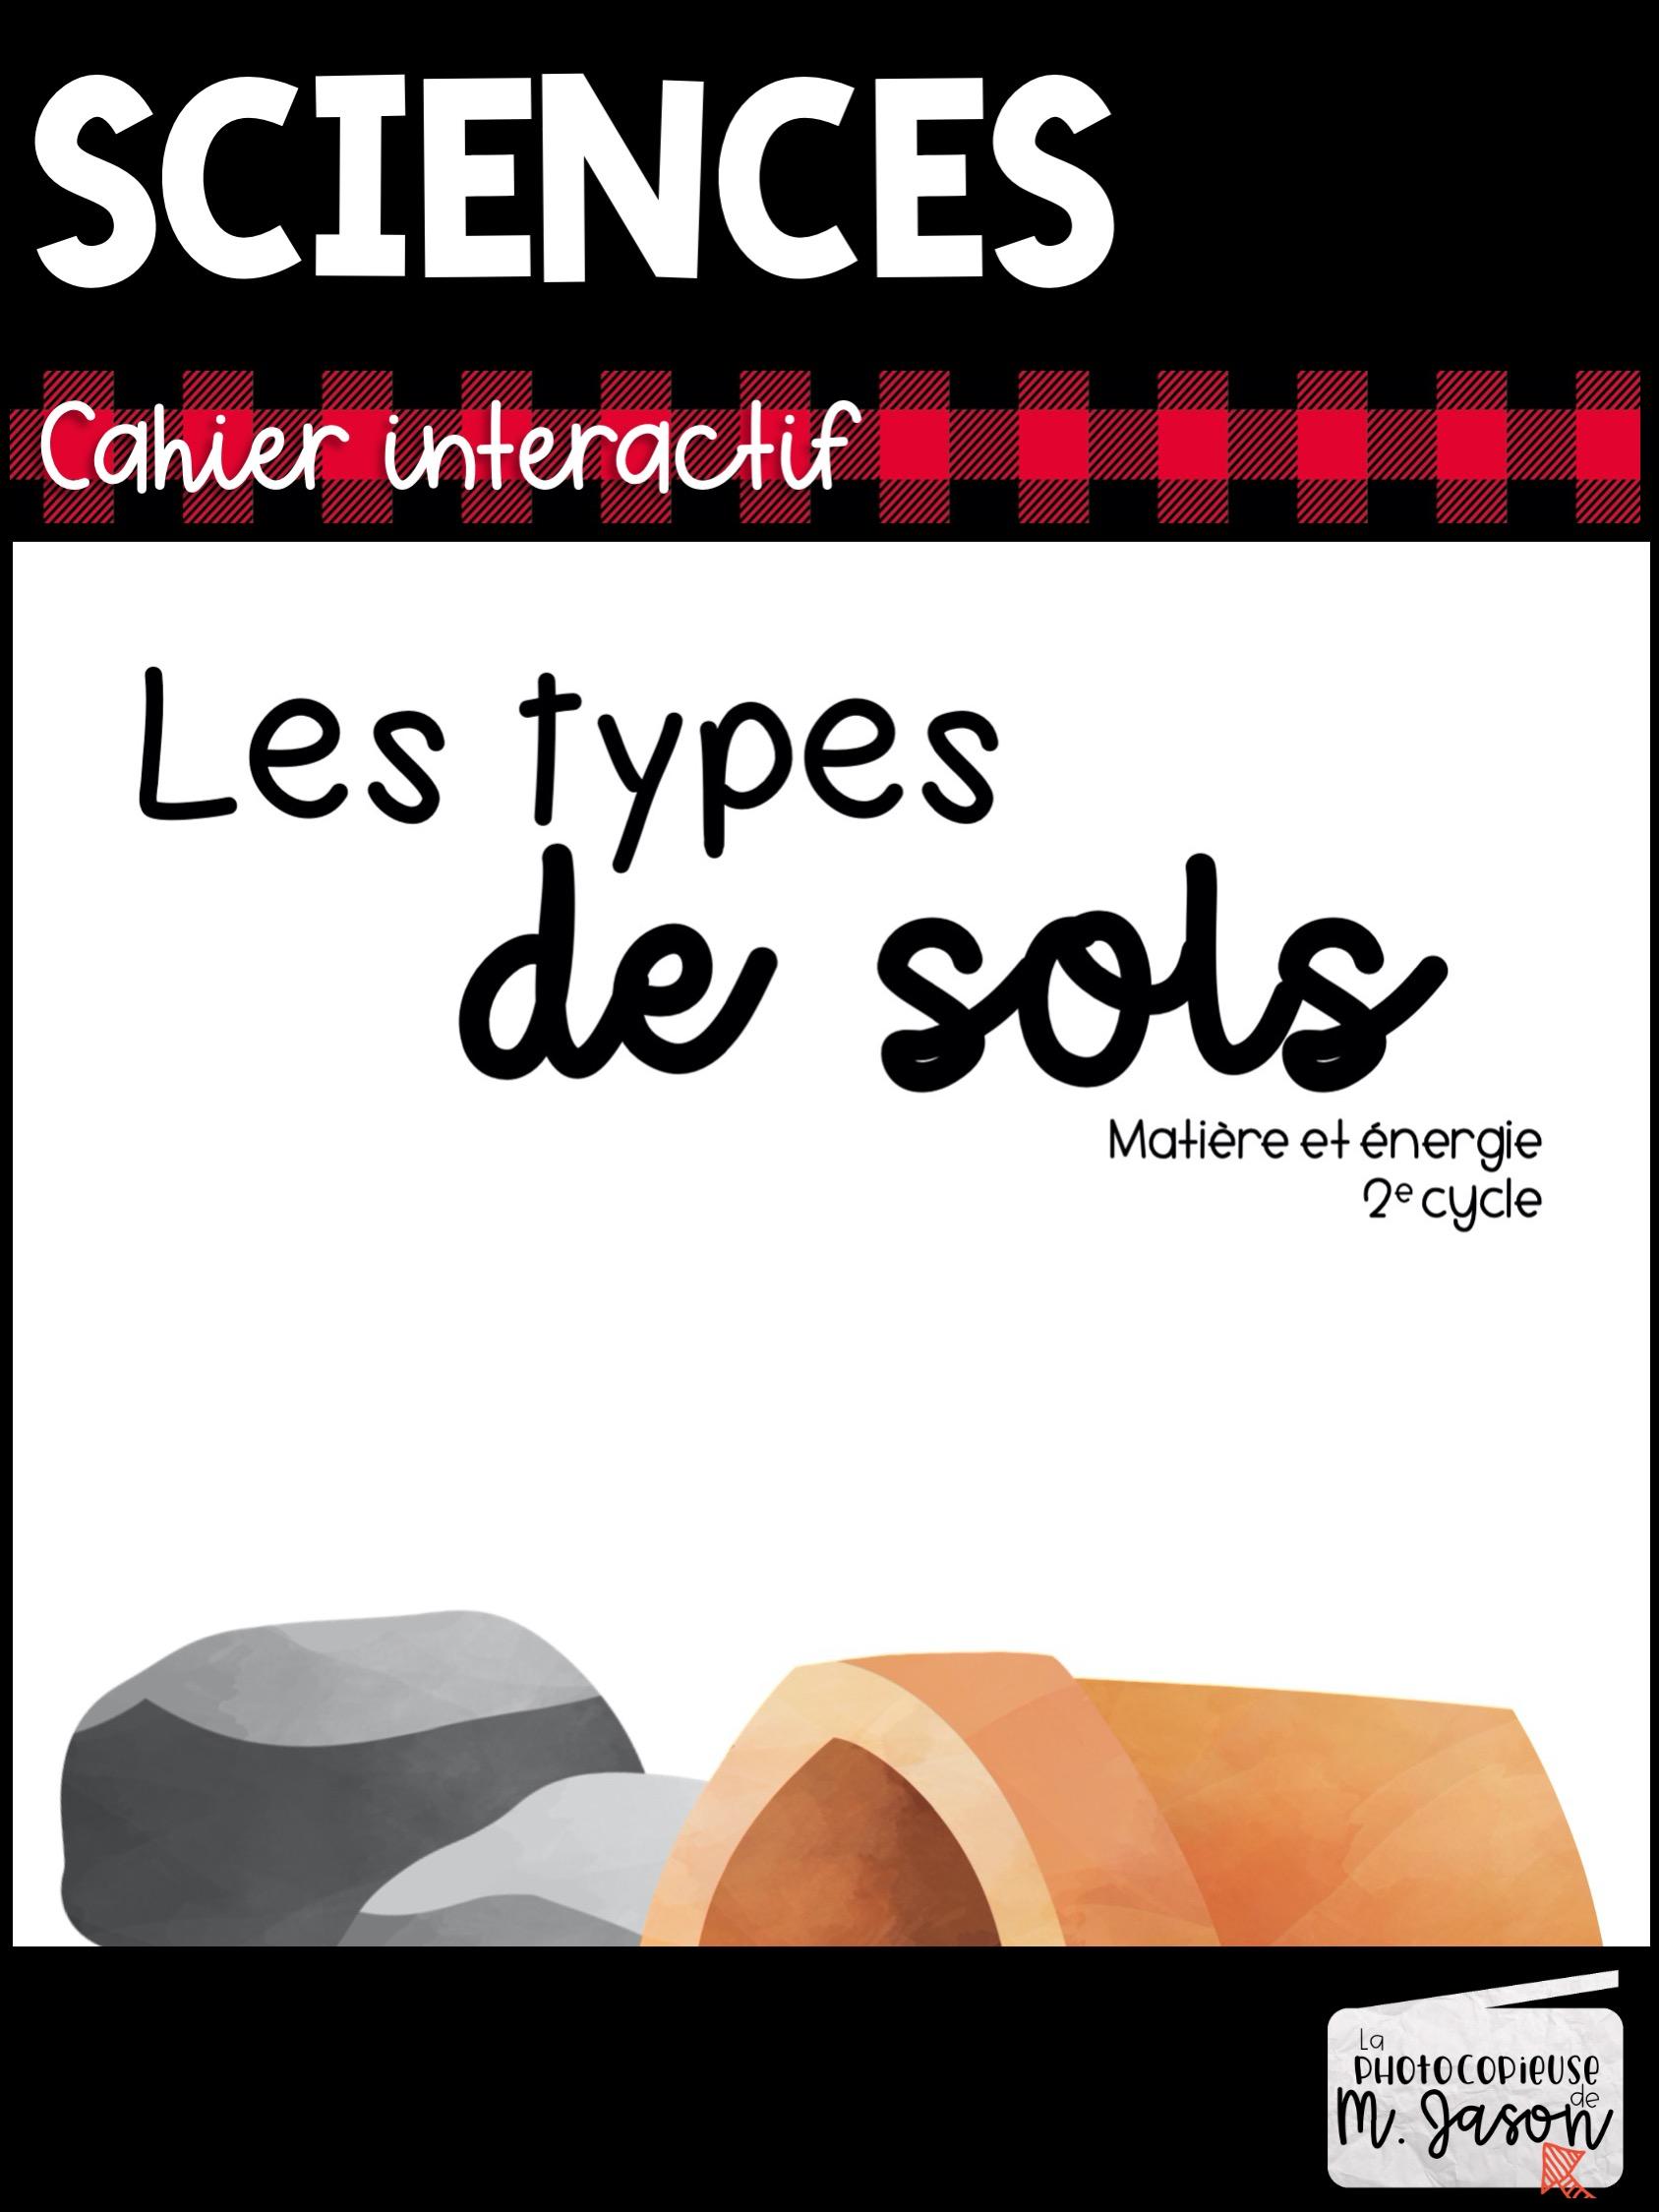 Sciences: Les types de sols